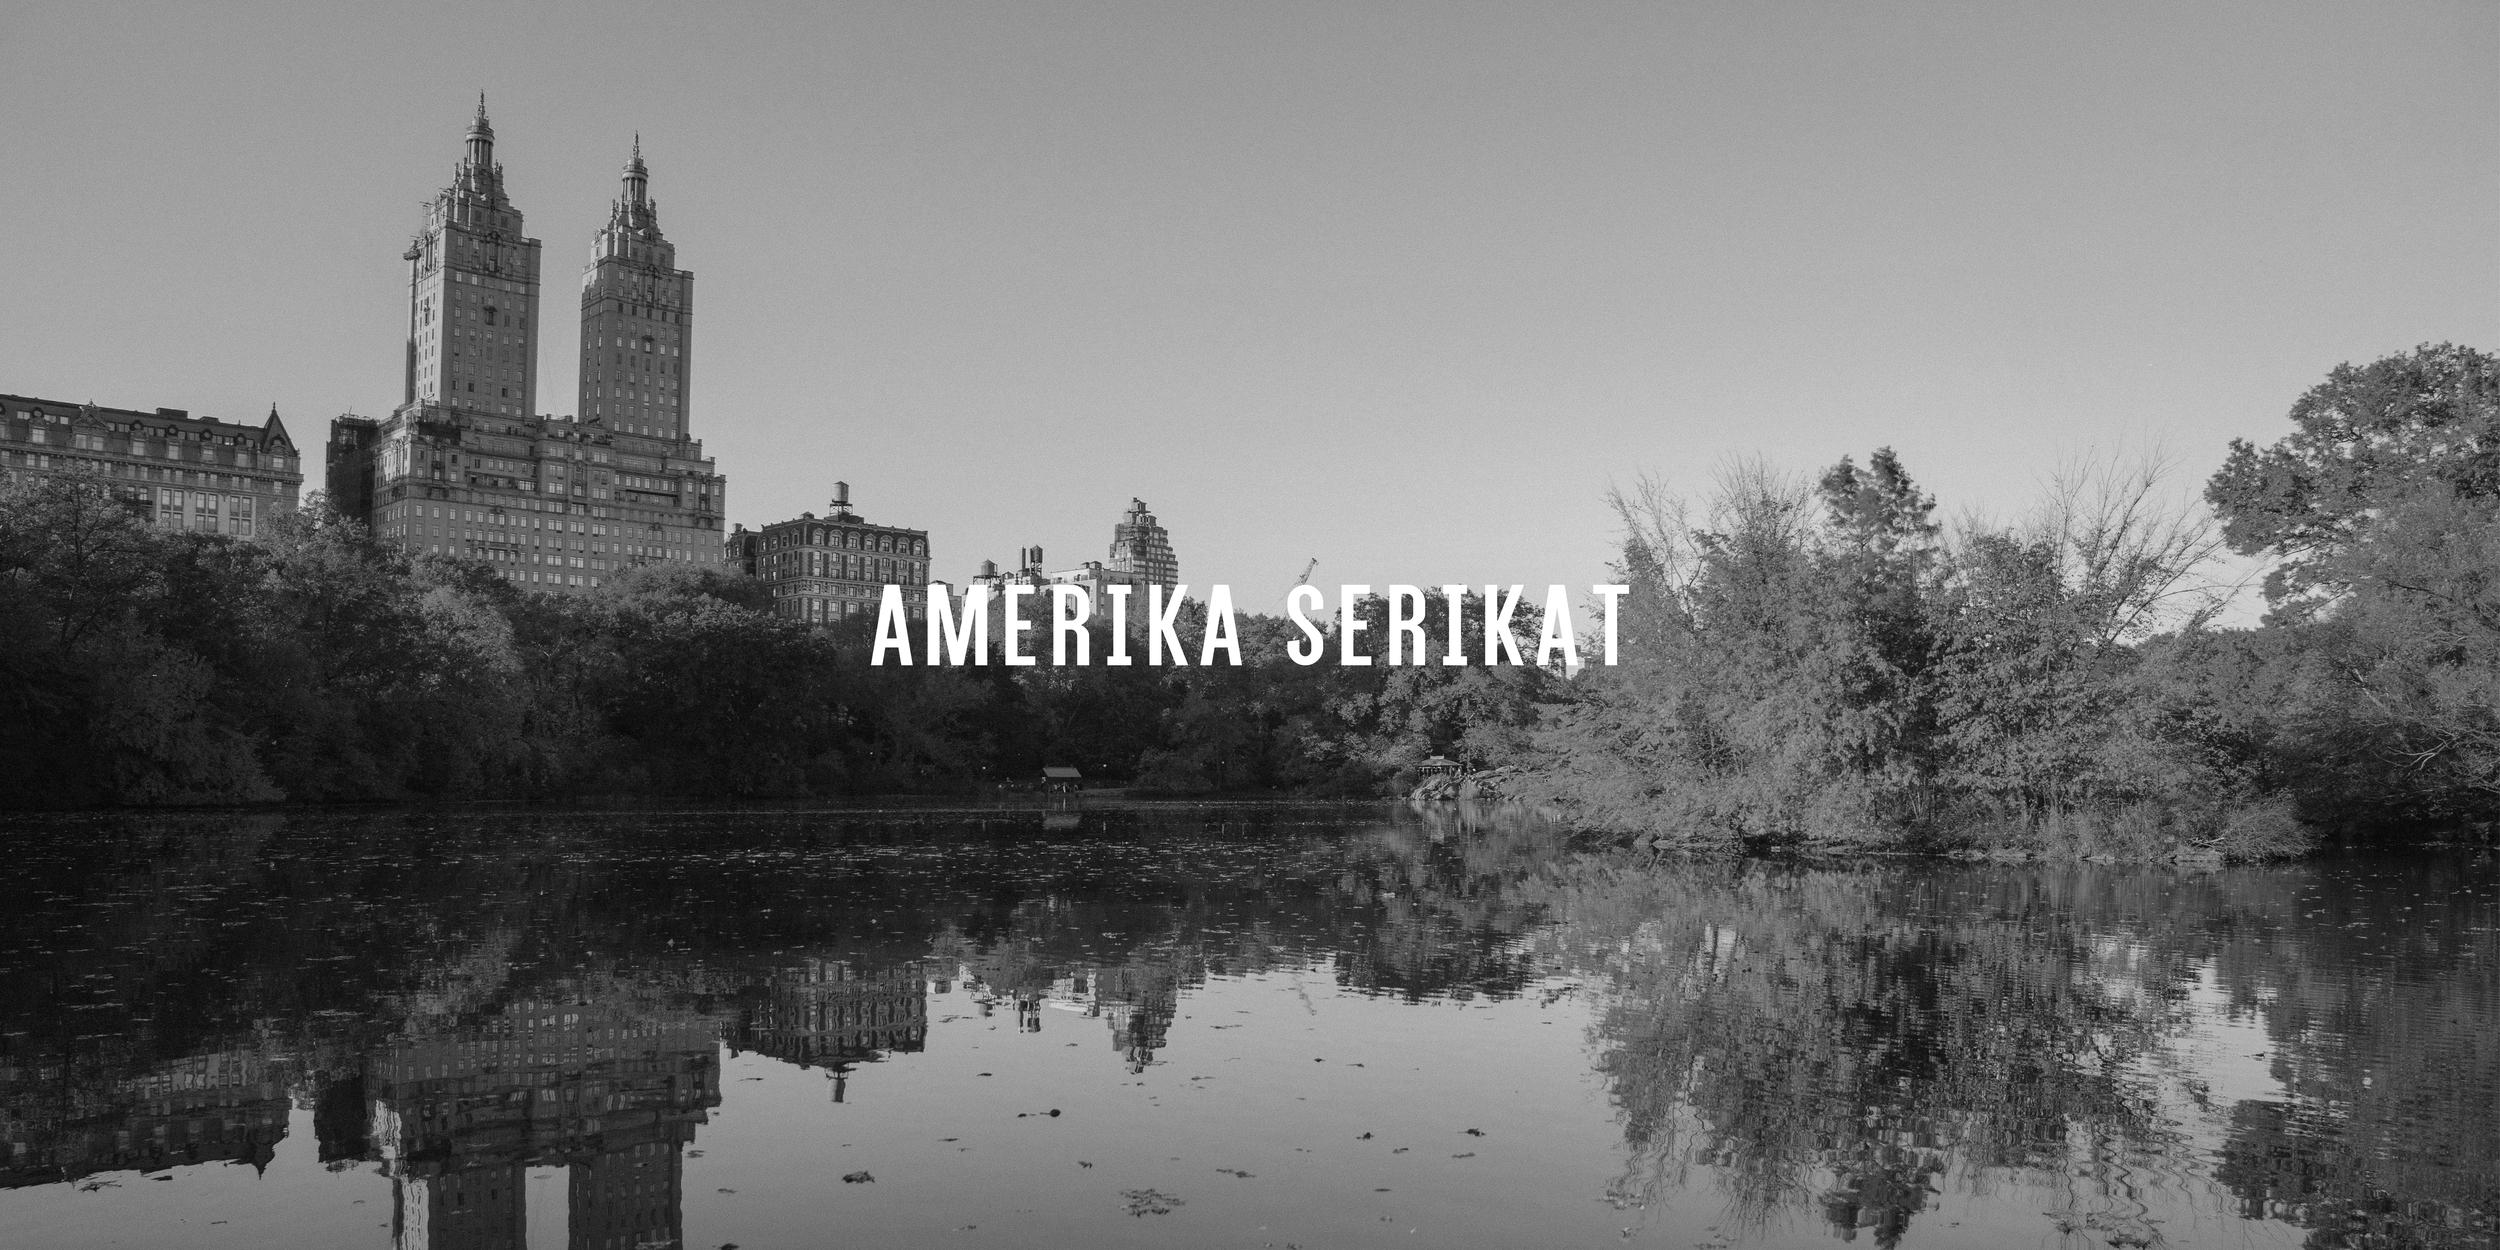 Sending Wec USA